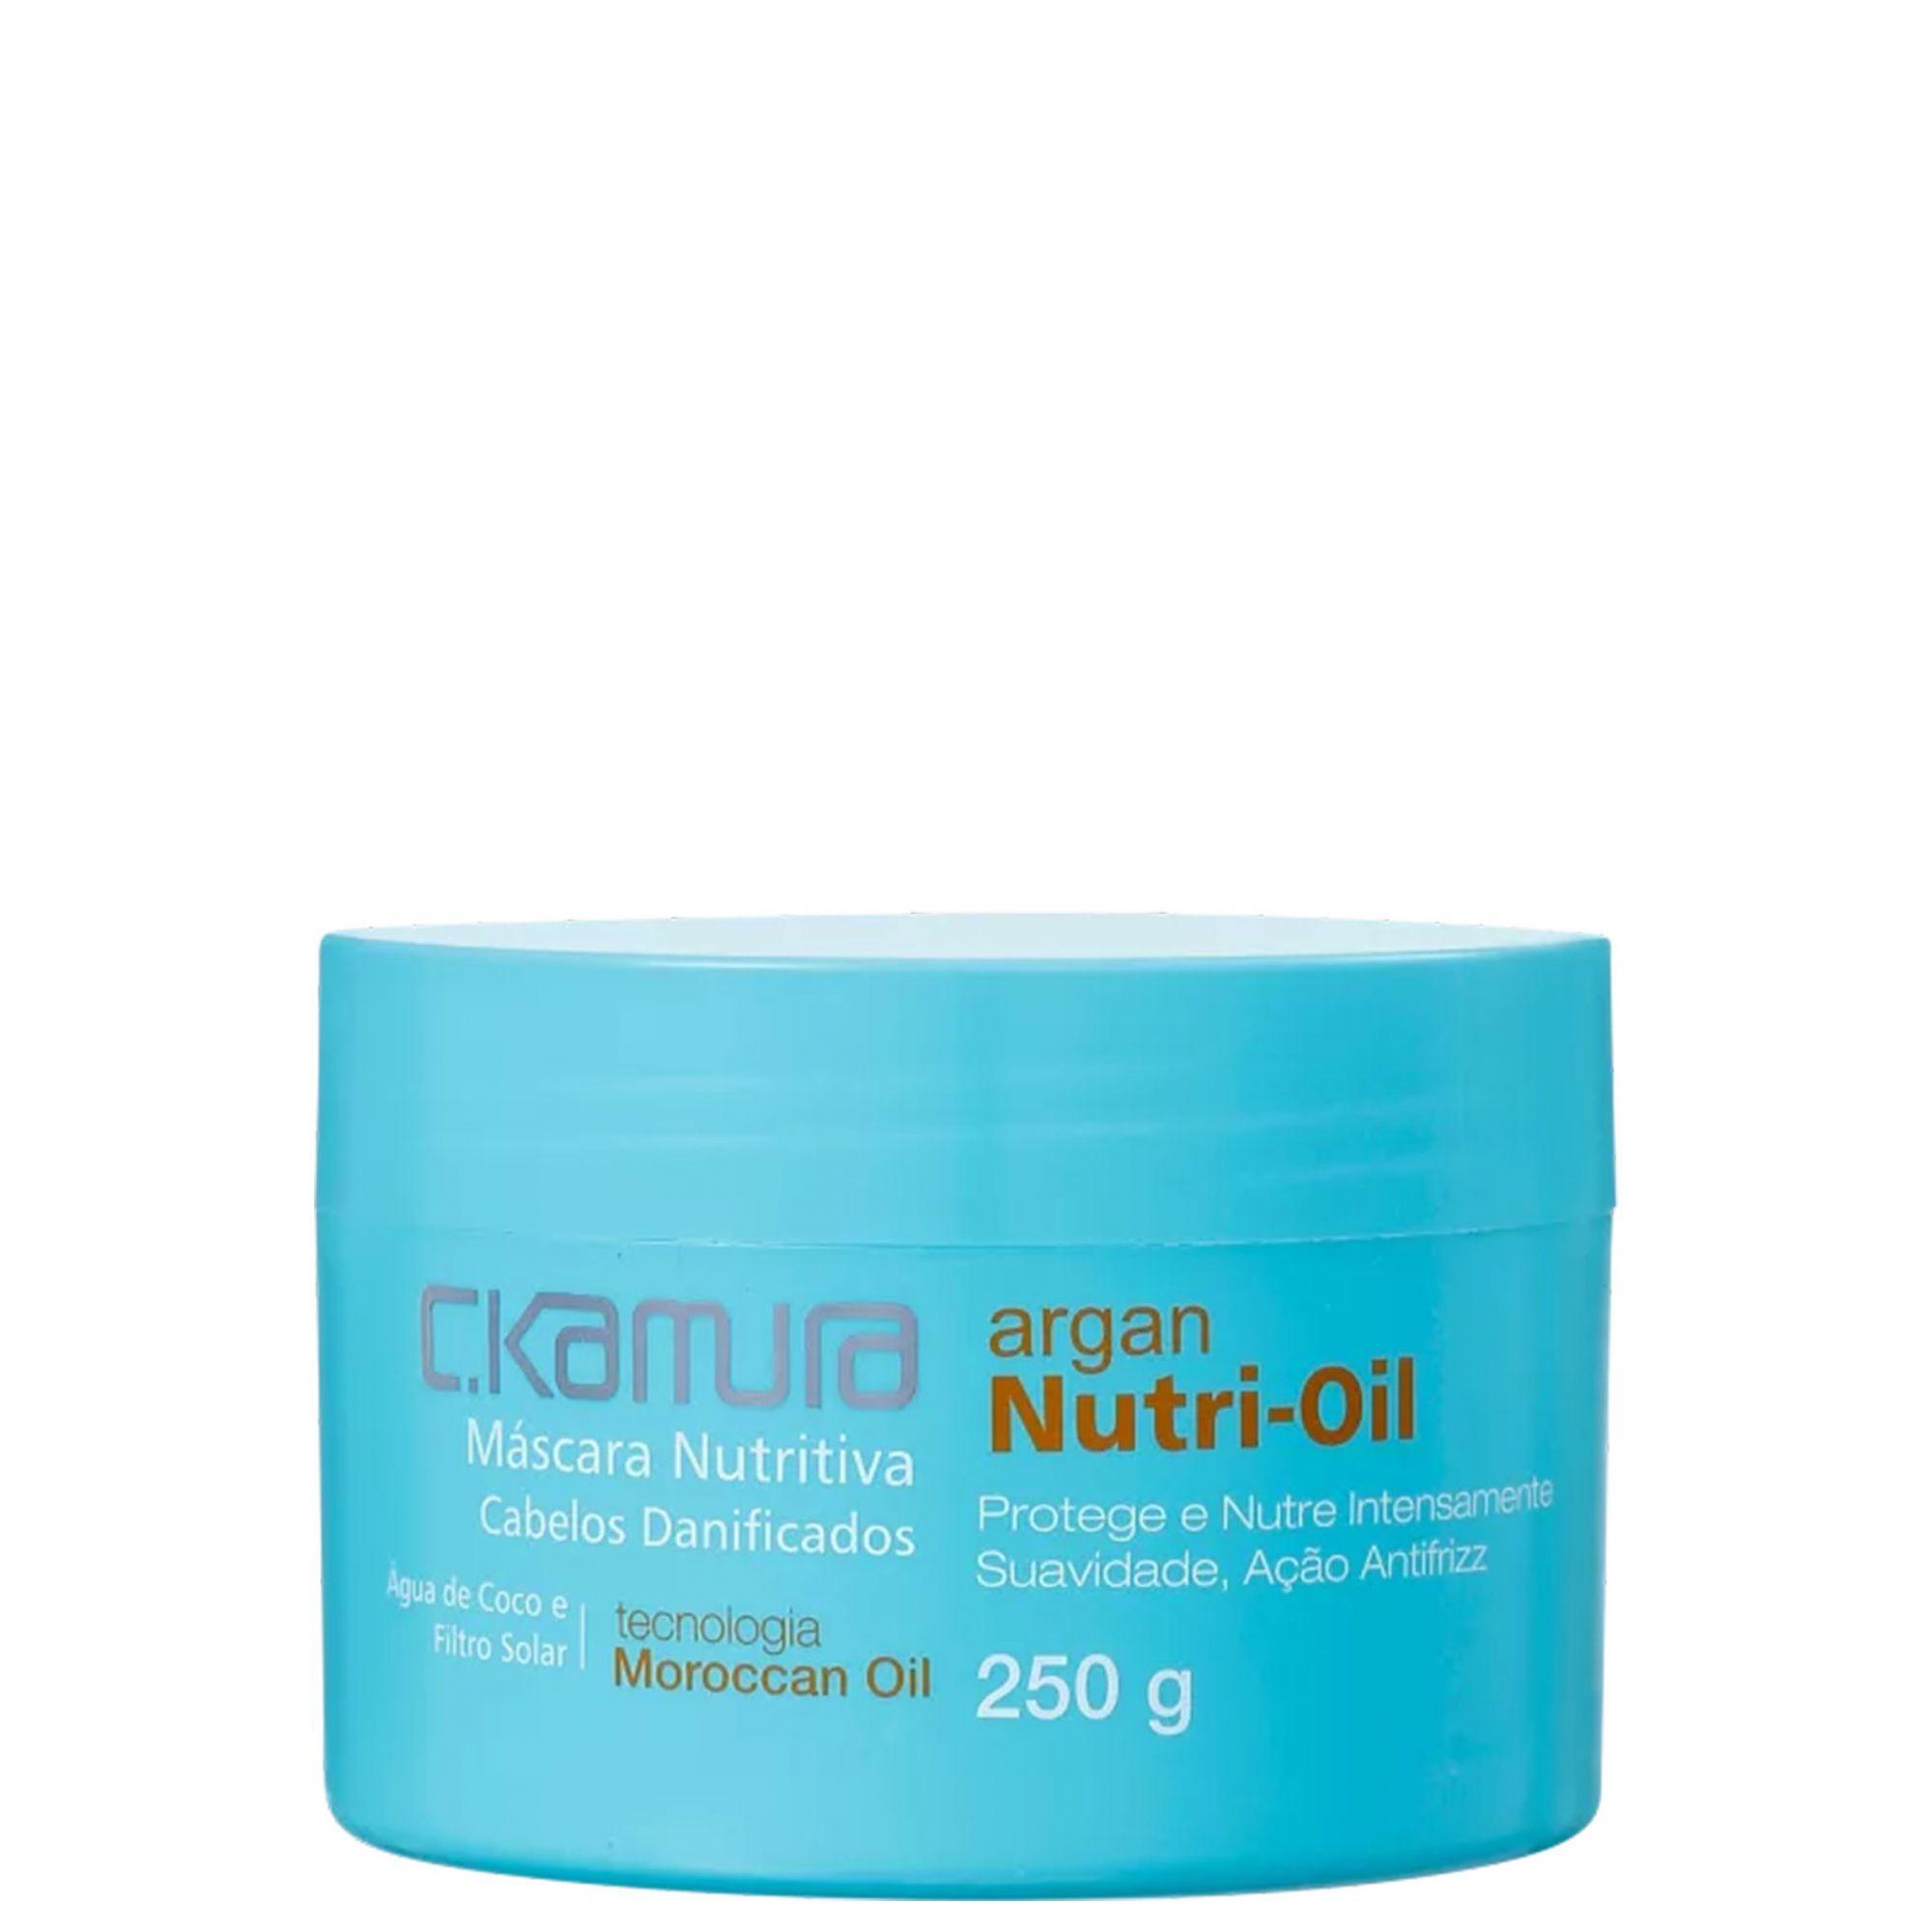 C.Kamura Argan Nutri-Oil Máscara Capilar 250g.